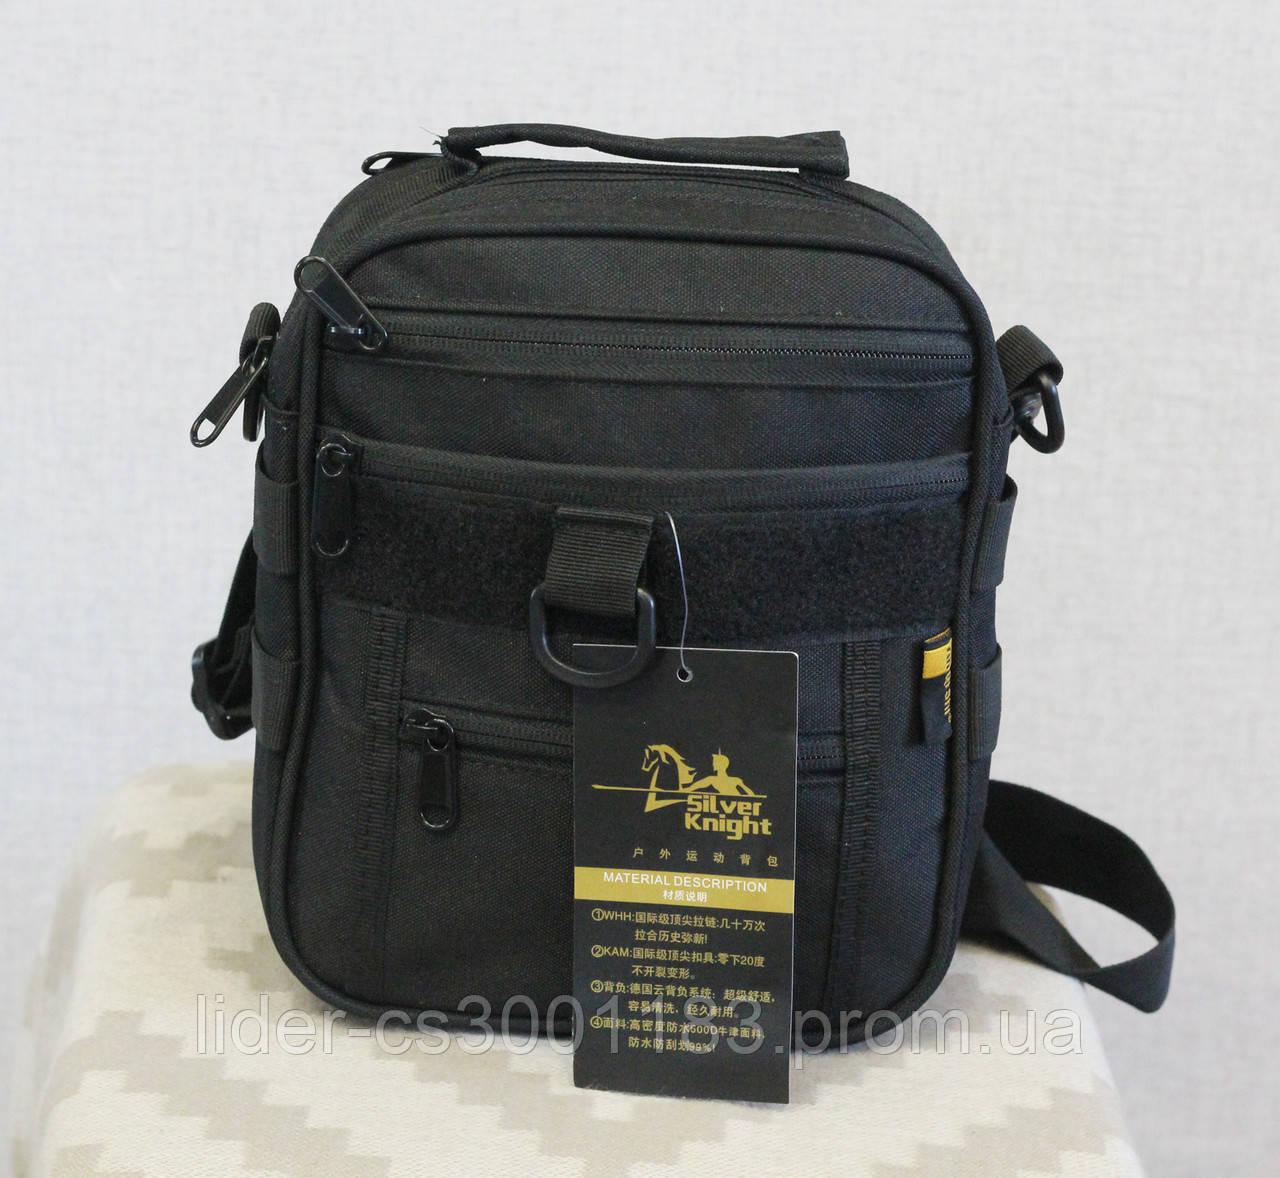 Тактическая универсальная сумка на плечо Silver Knight с системой M.O.L.L.E (102-black)